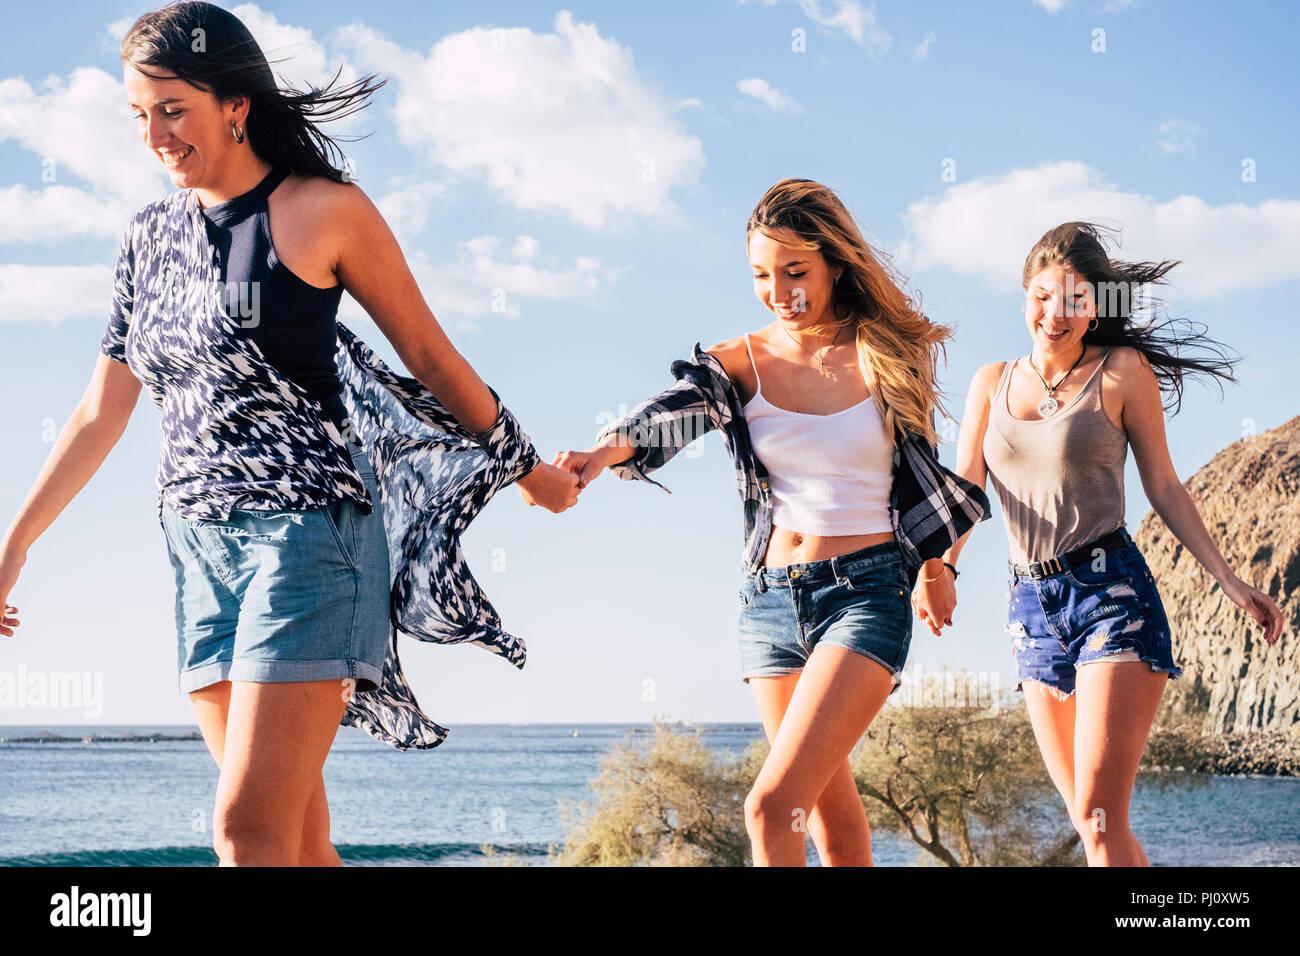 Trois jeunes jolies filles caucasiennes à marcher ensemble en tenant les mains l'autre sourire et rire joyeux. concept de plaisir les femmes en loisirs en plein air, un Photo Stock